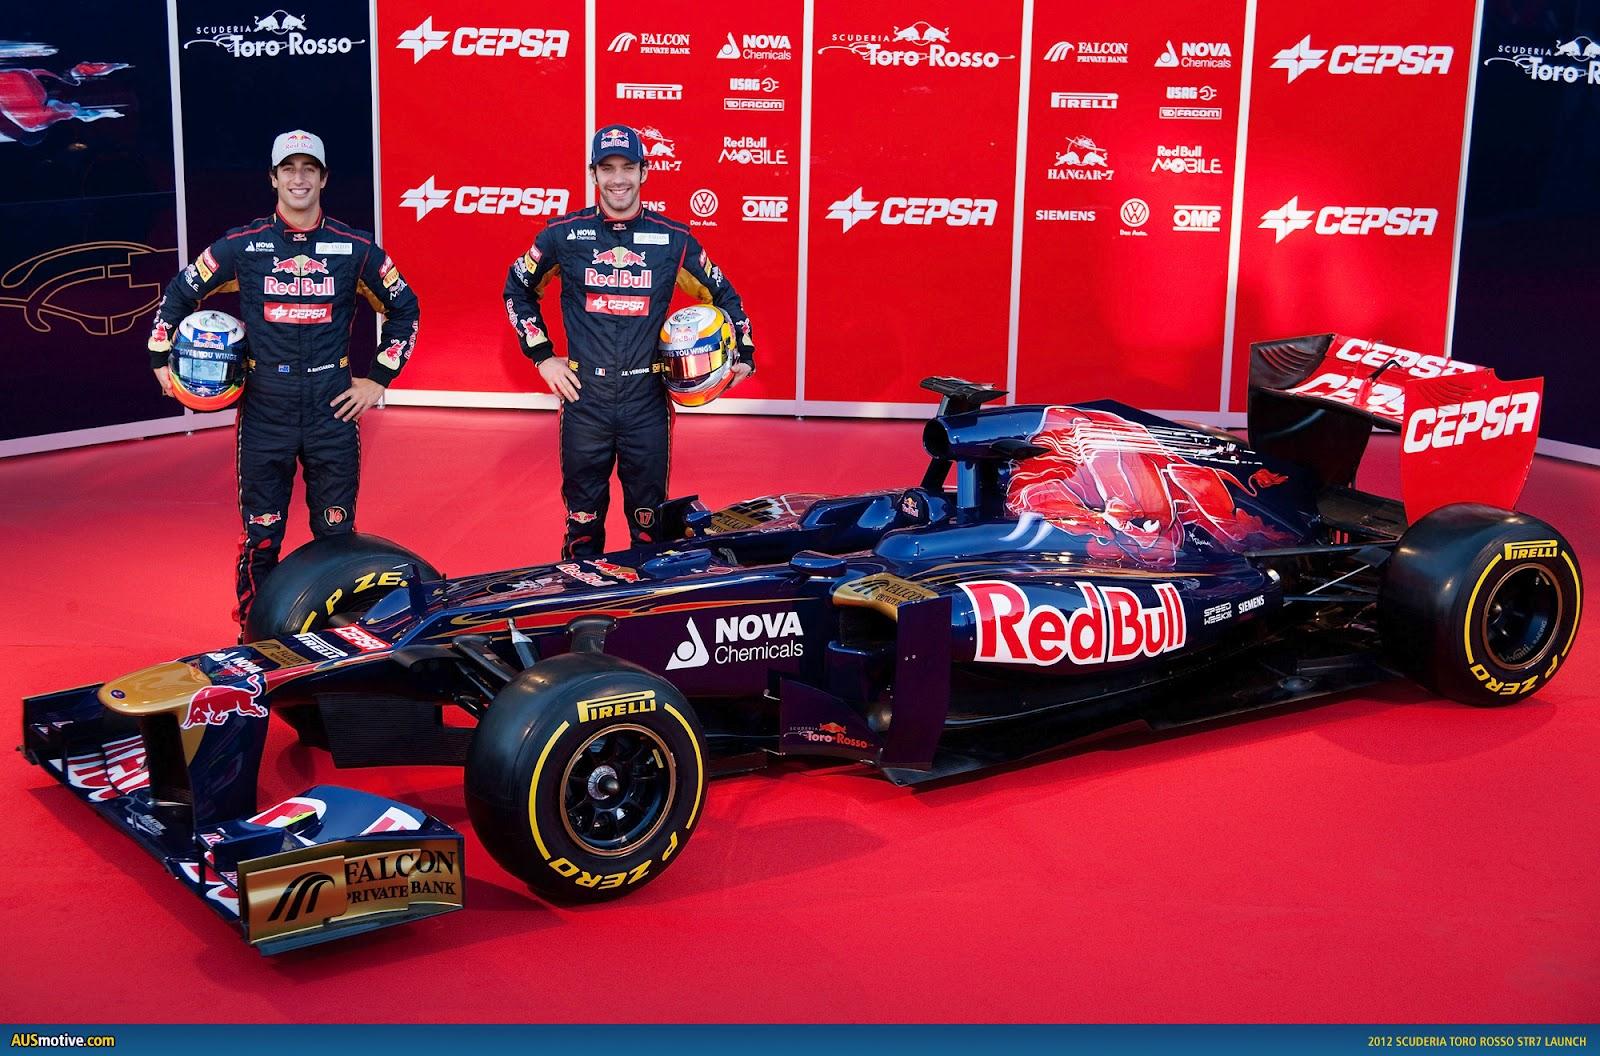 http://3.bp.blogspot.com/-1gf8UFj3wT8/T6961Qck-QI/AAAAAAAAAHI/5wI3F60-hM4/s1600/Scuderia-Toro-Rosso-STR7-01.jpg